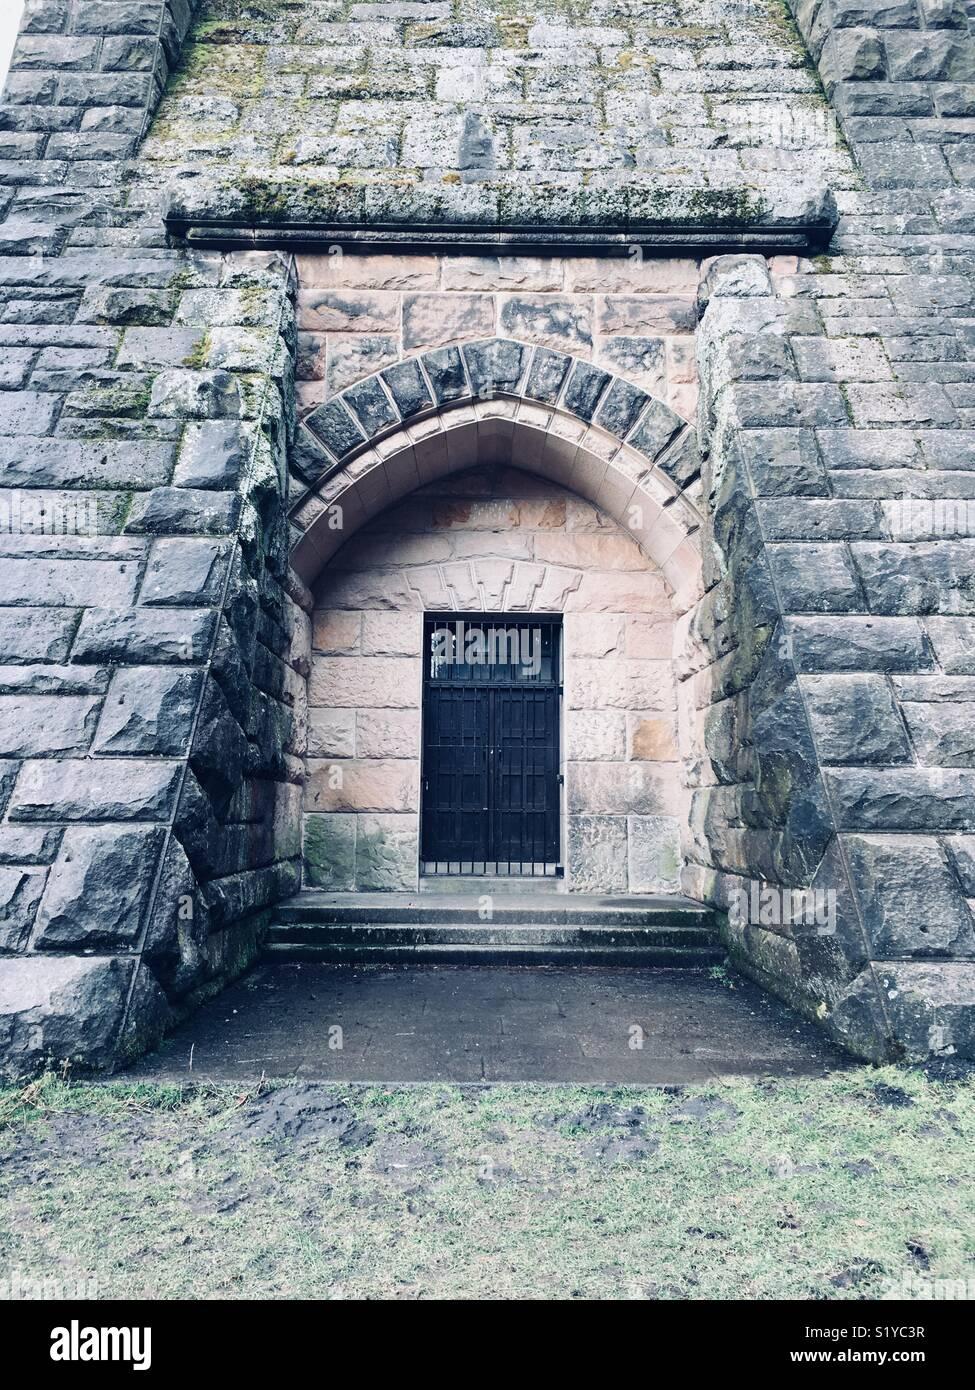 Mysterious doorway - Stock Image